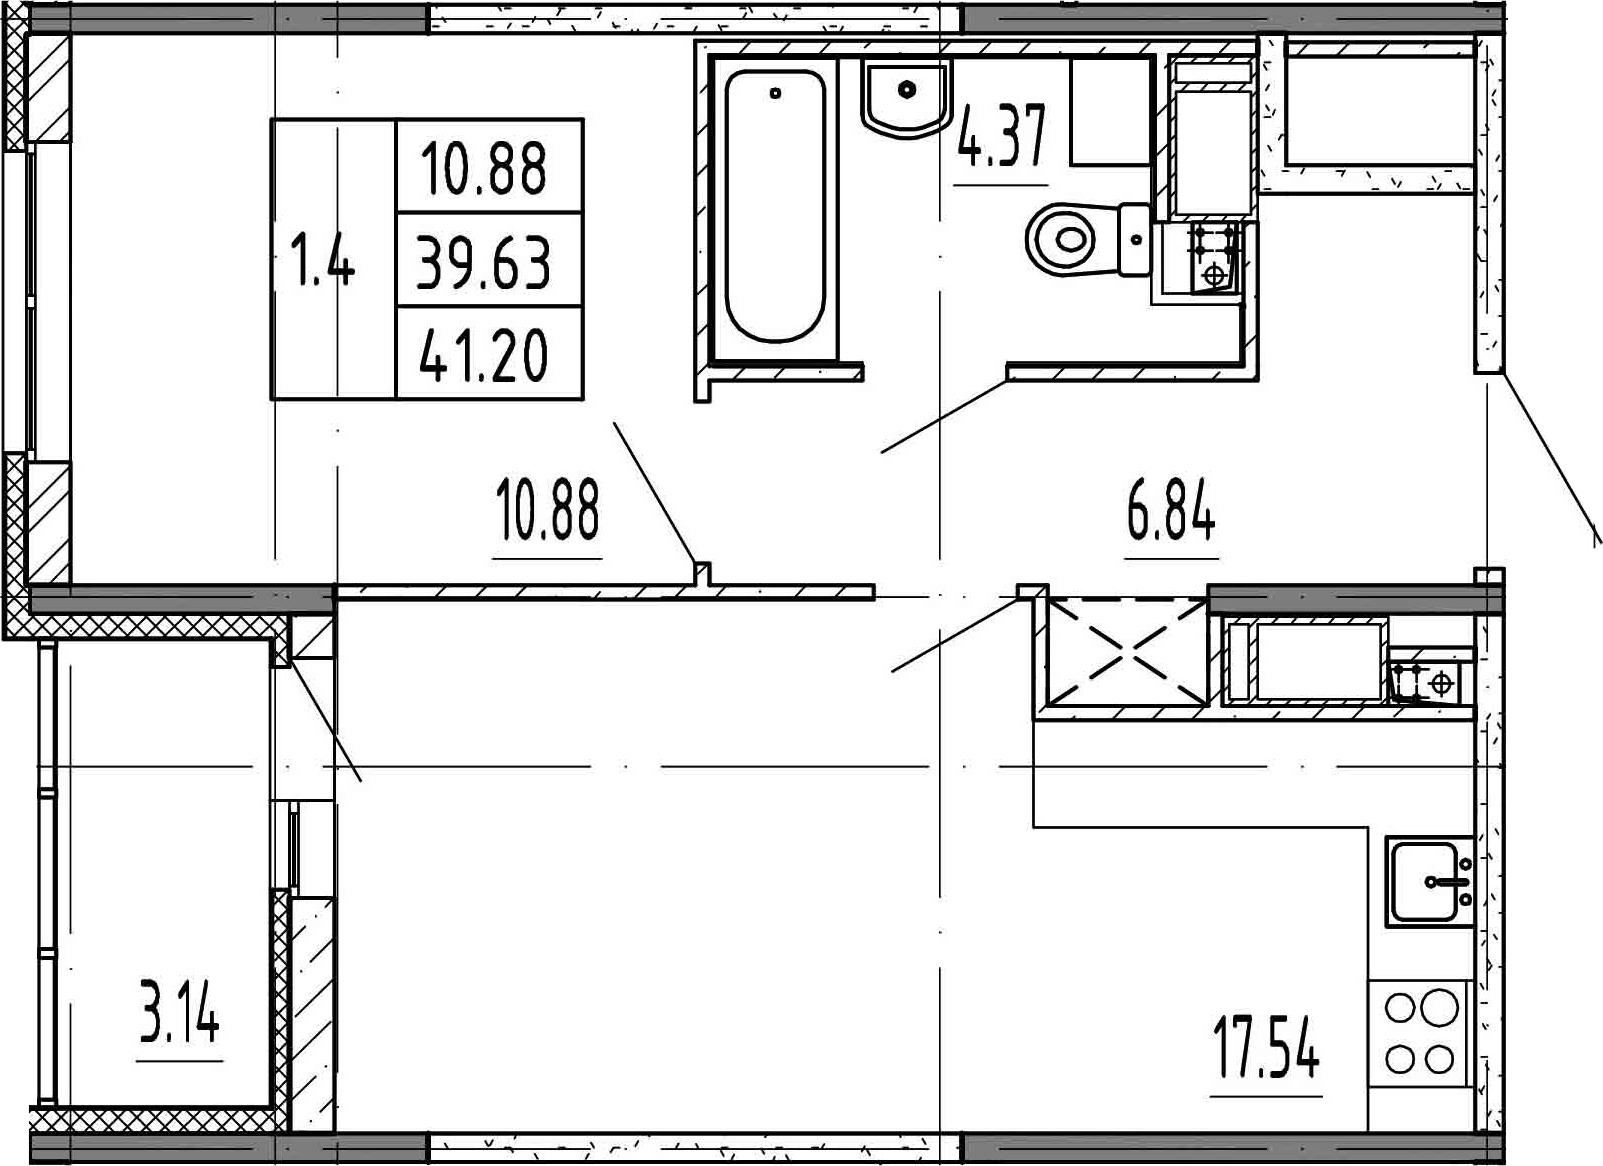 2Е-к.кв, 39.63 м², 22 этаж